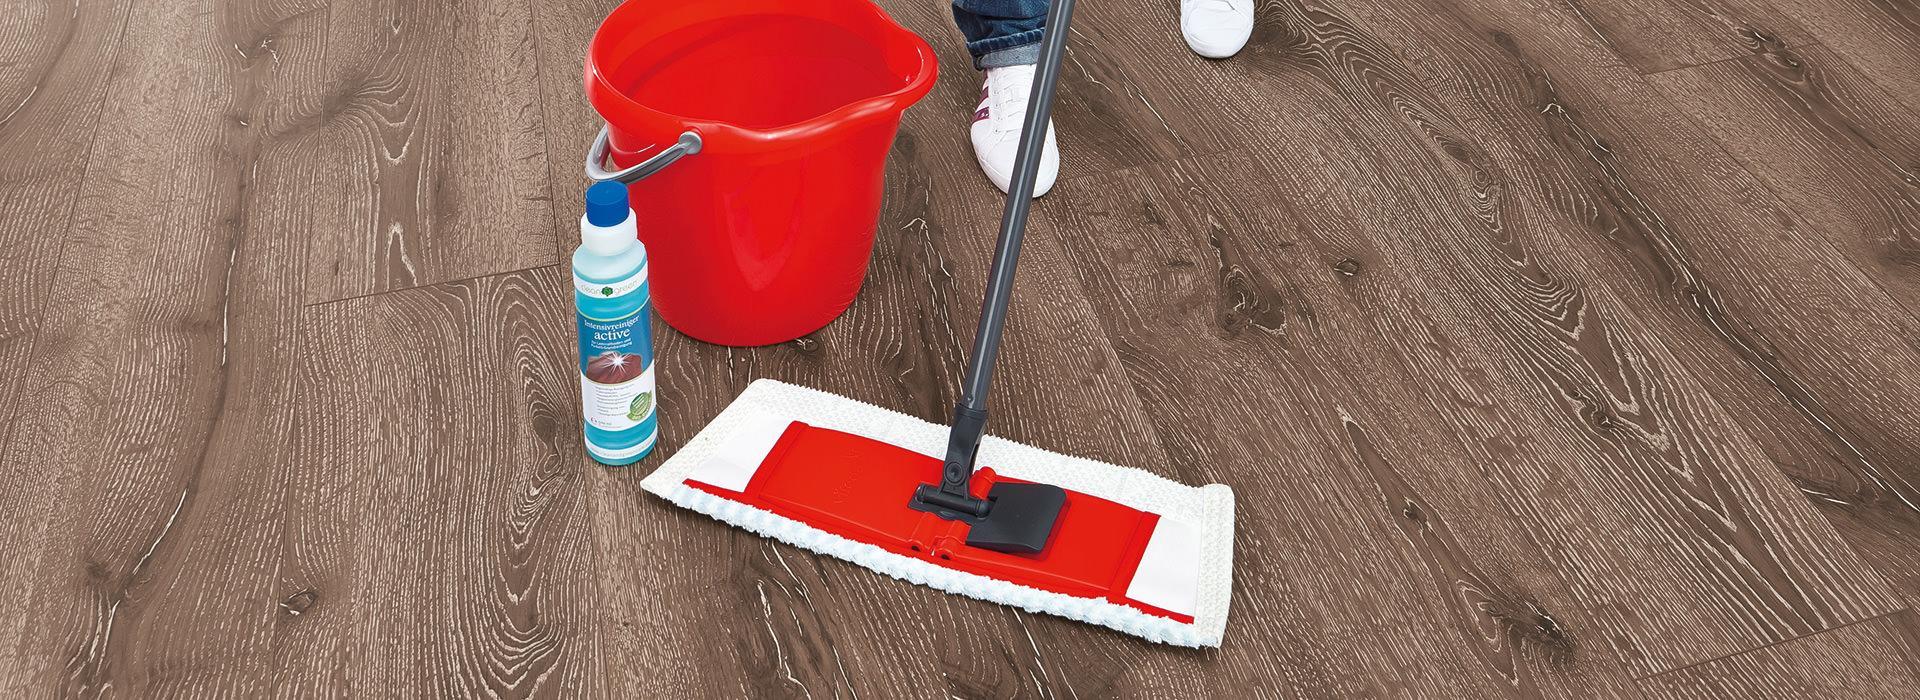 Как мыть ламинатный пол